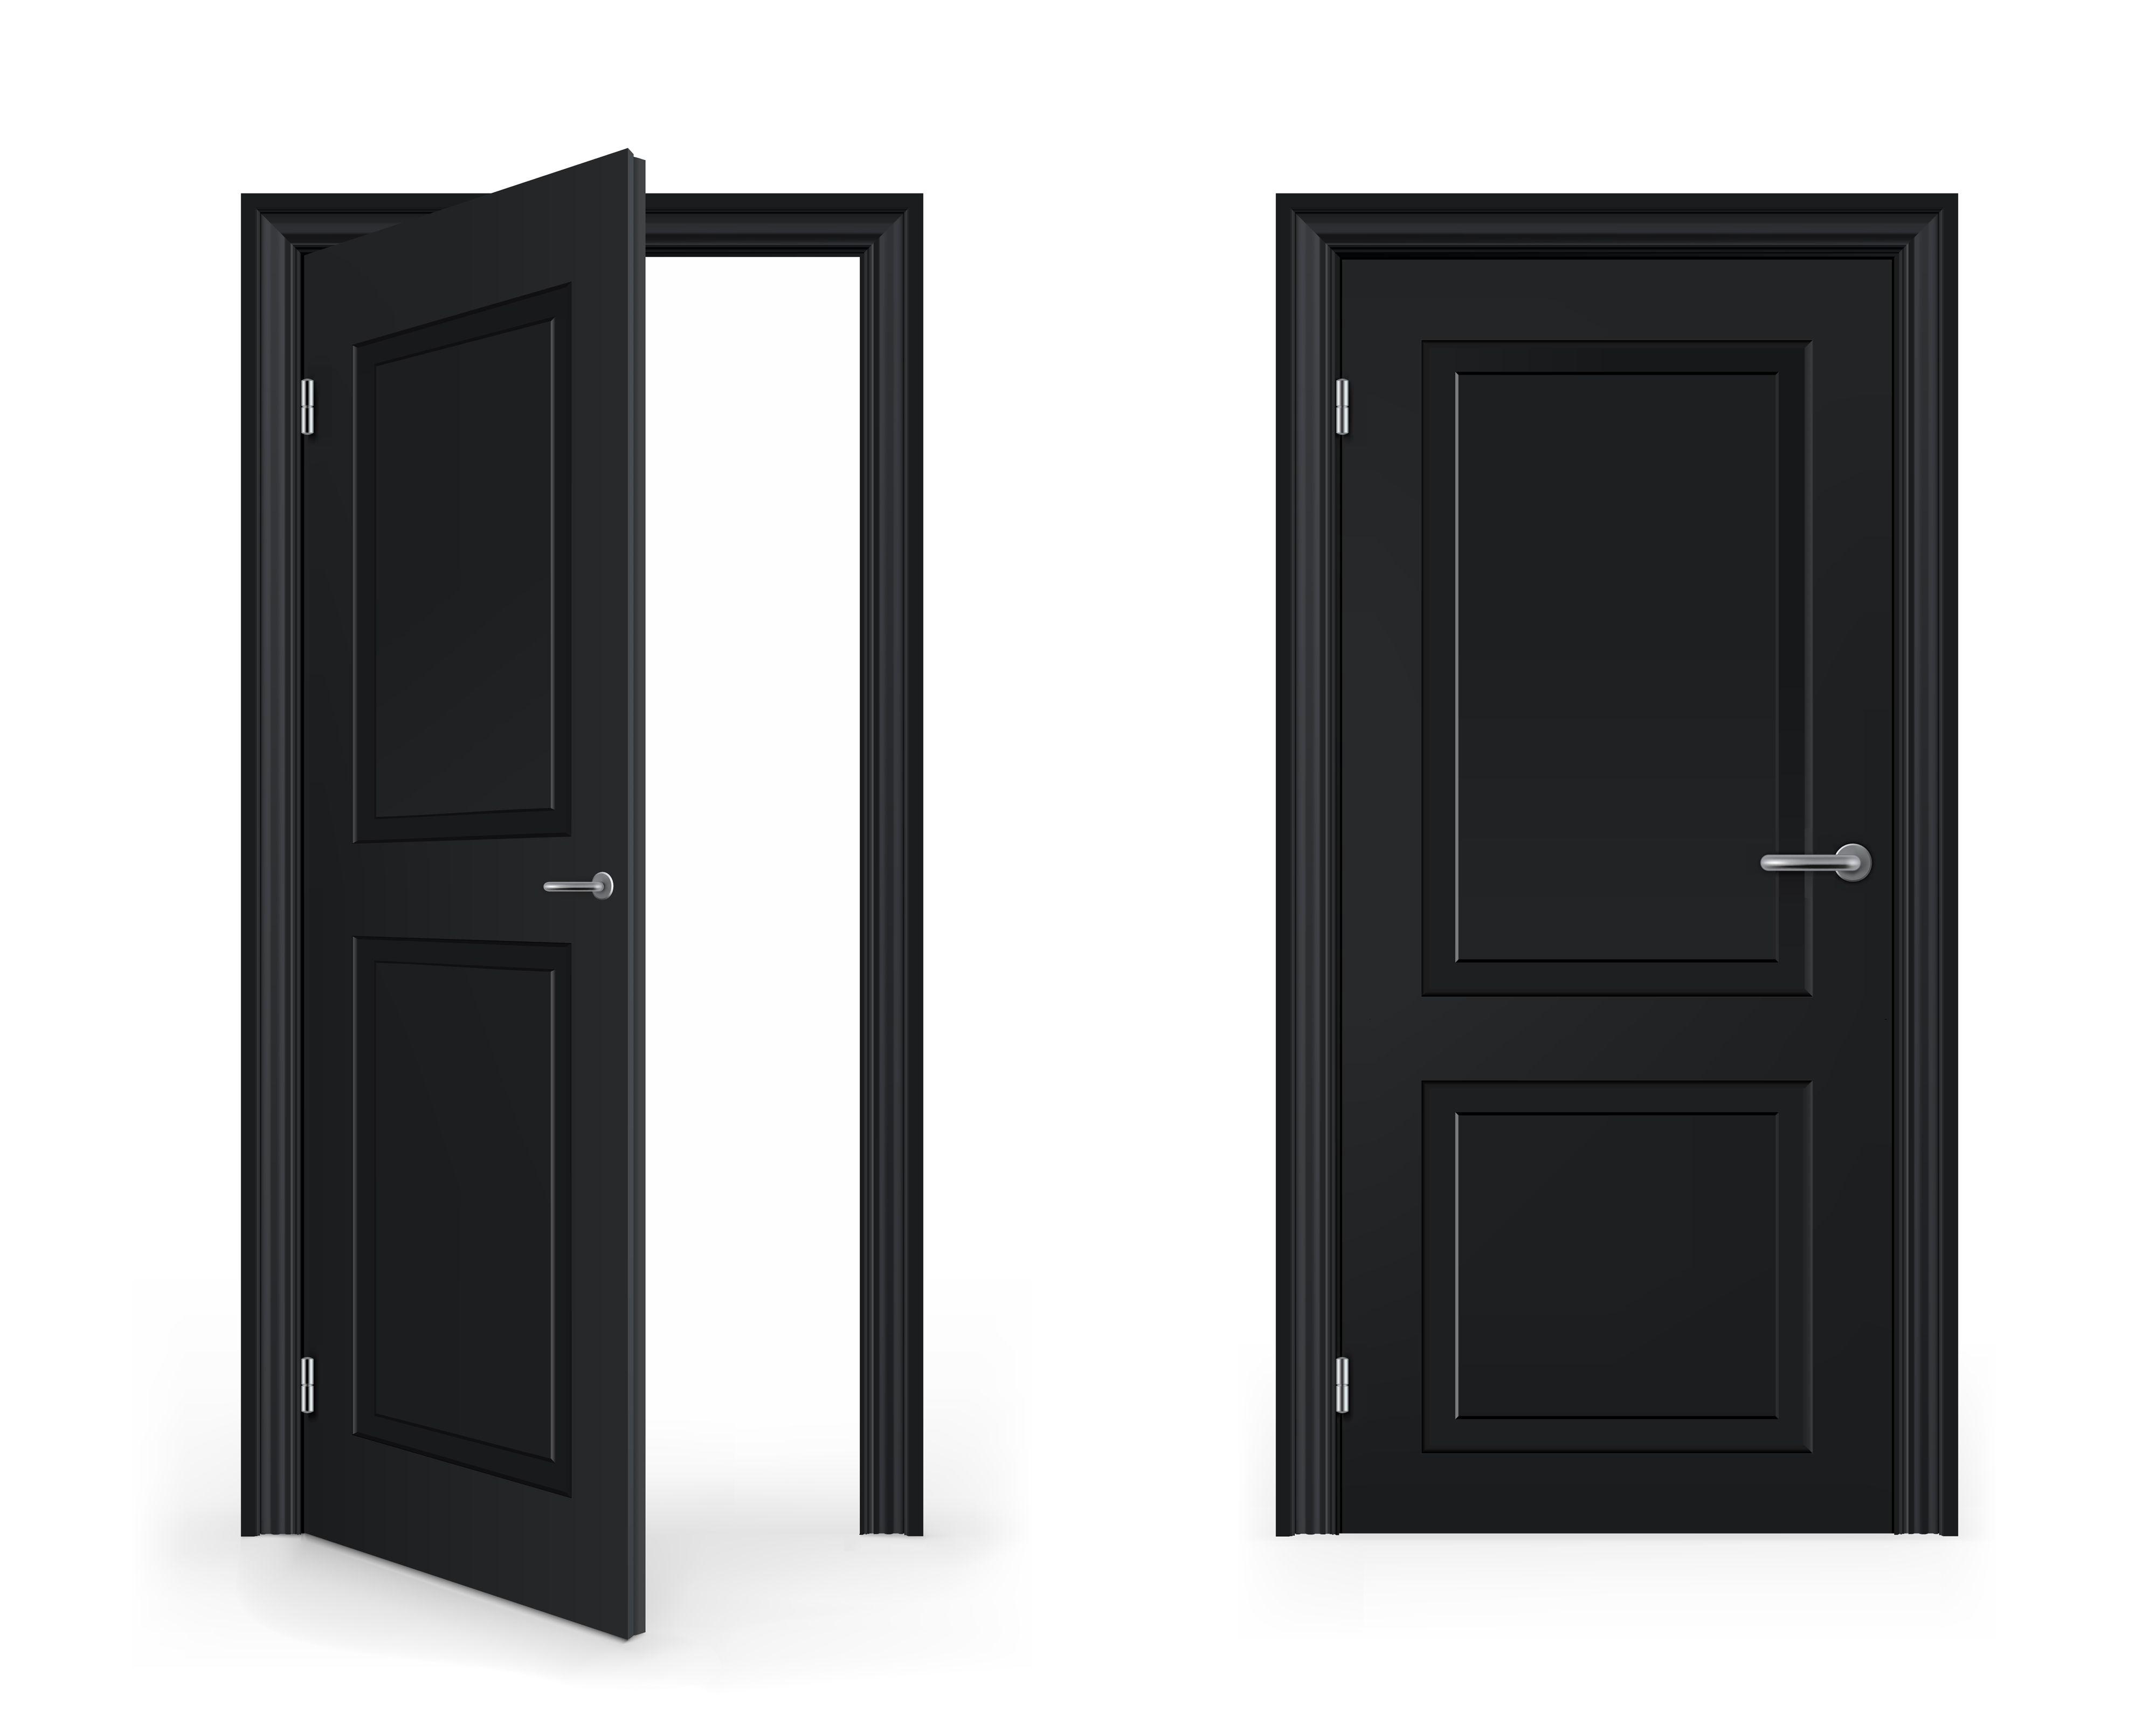 Exterior Open Door Clipart With Open Door Closed Door.